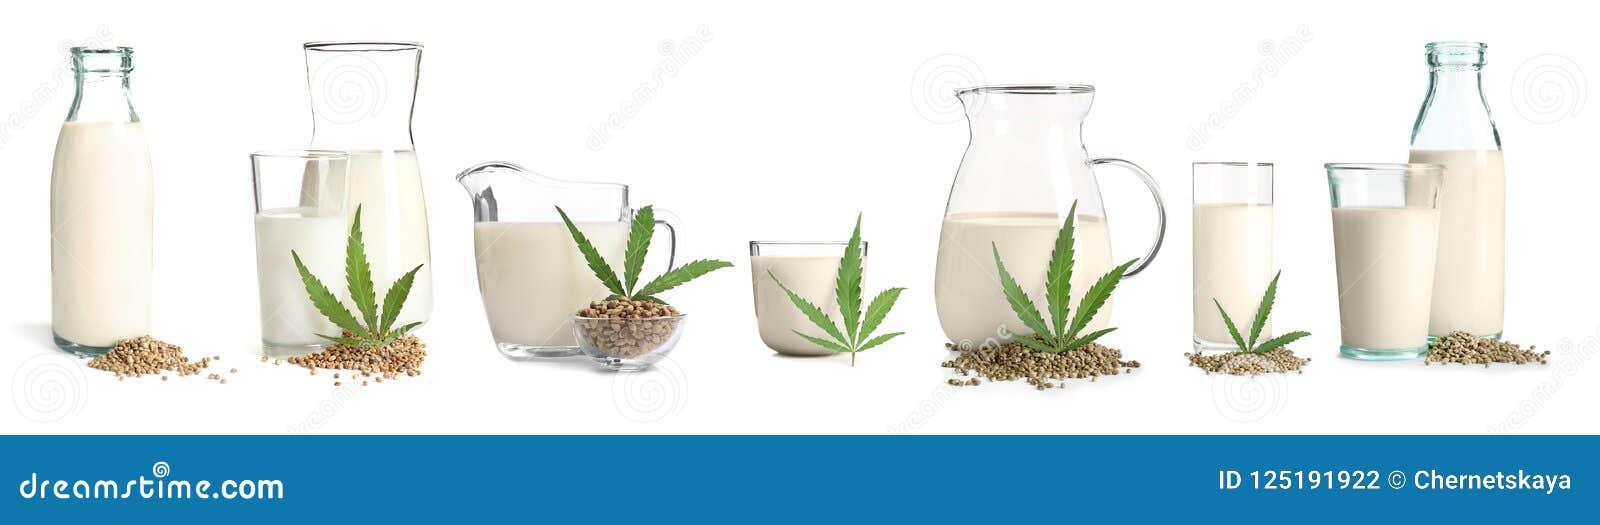 Set z nabiału weganinu konopie mlekiem